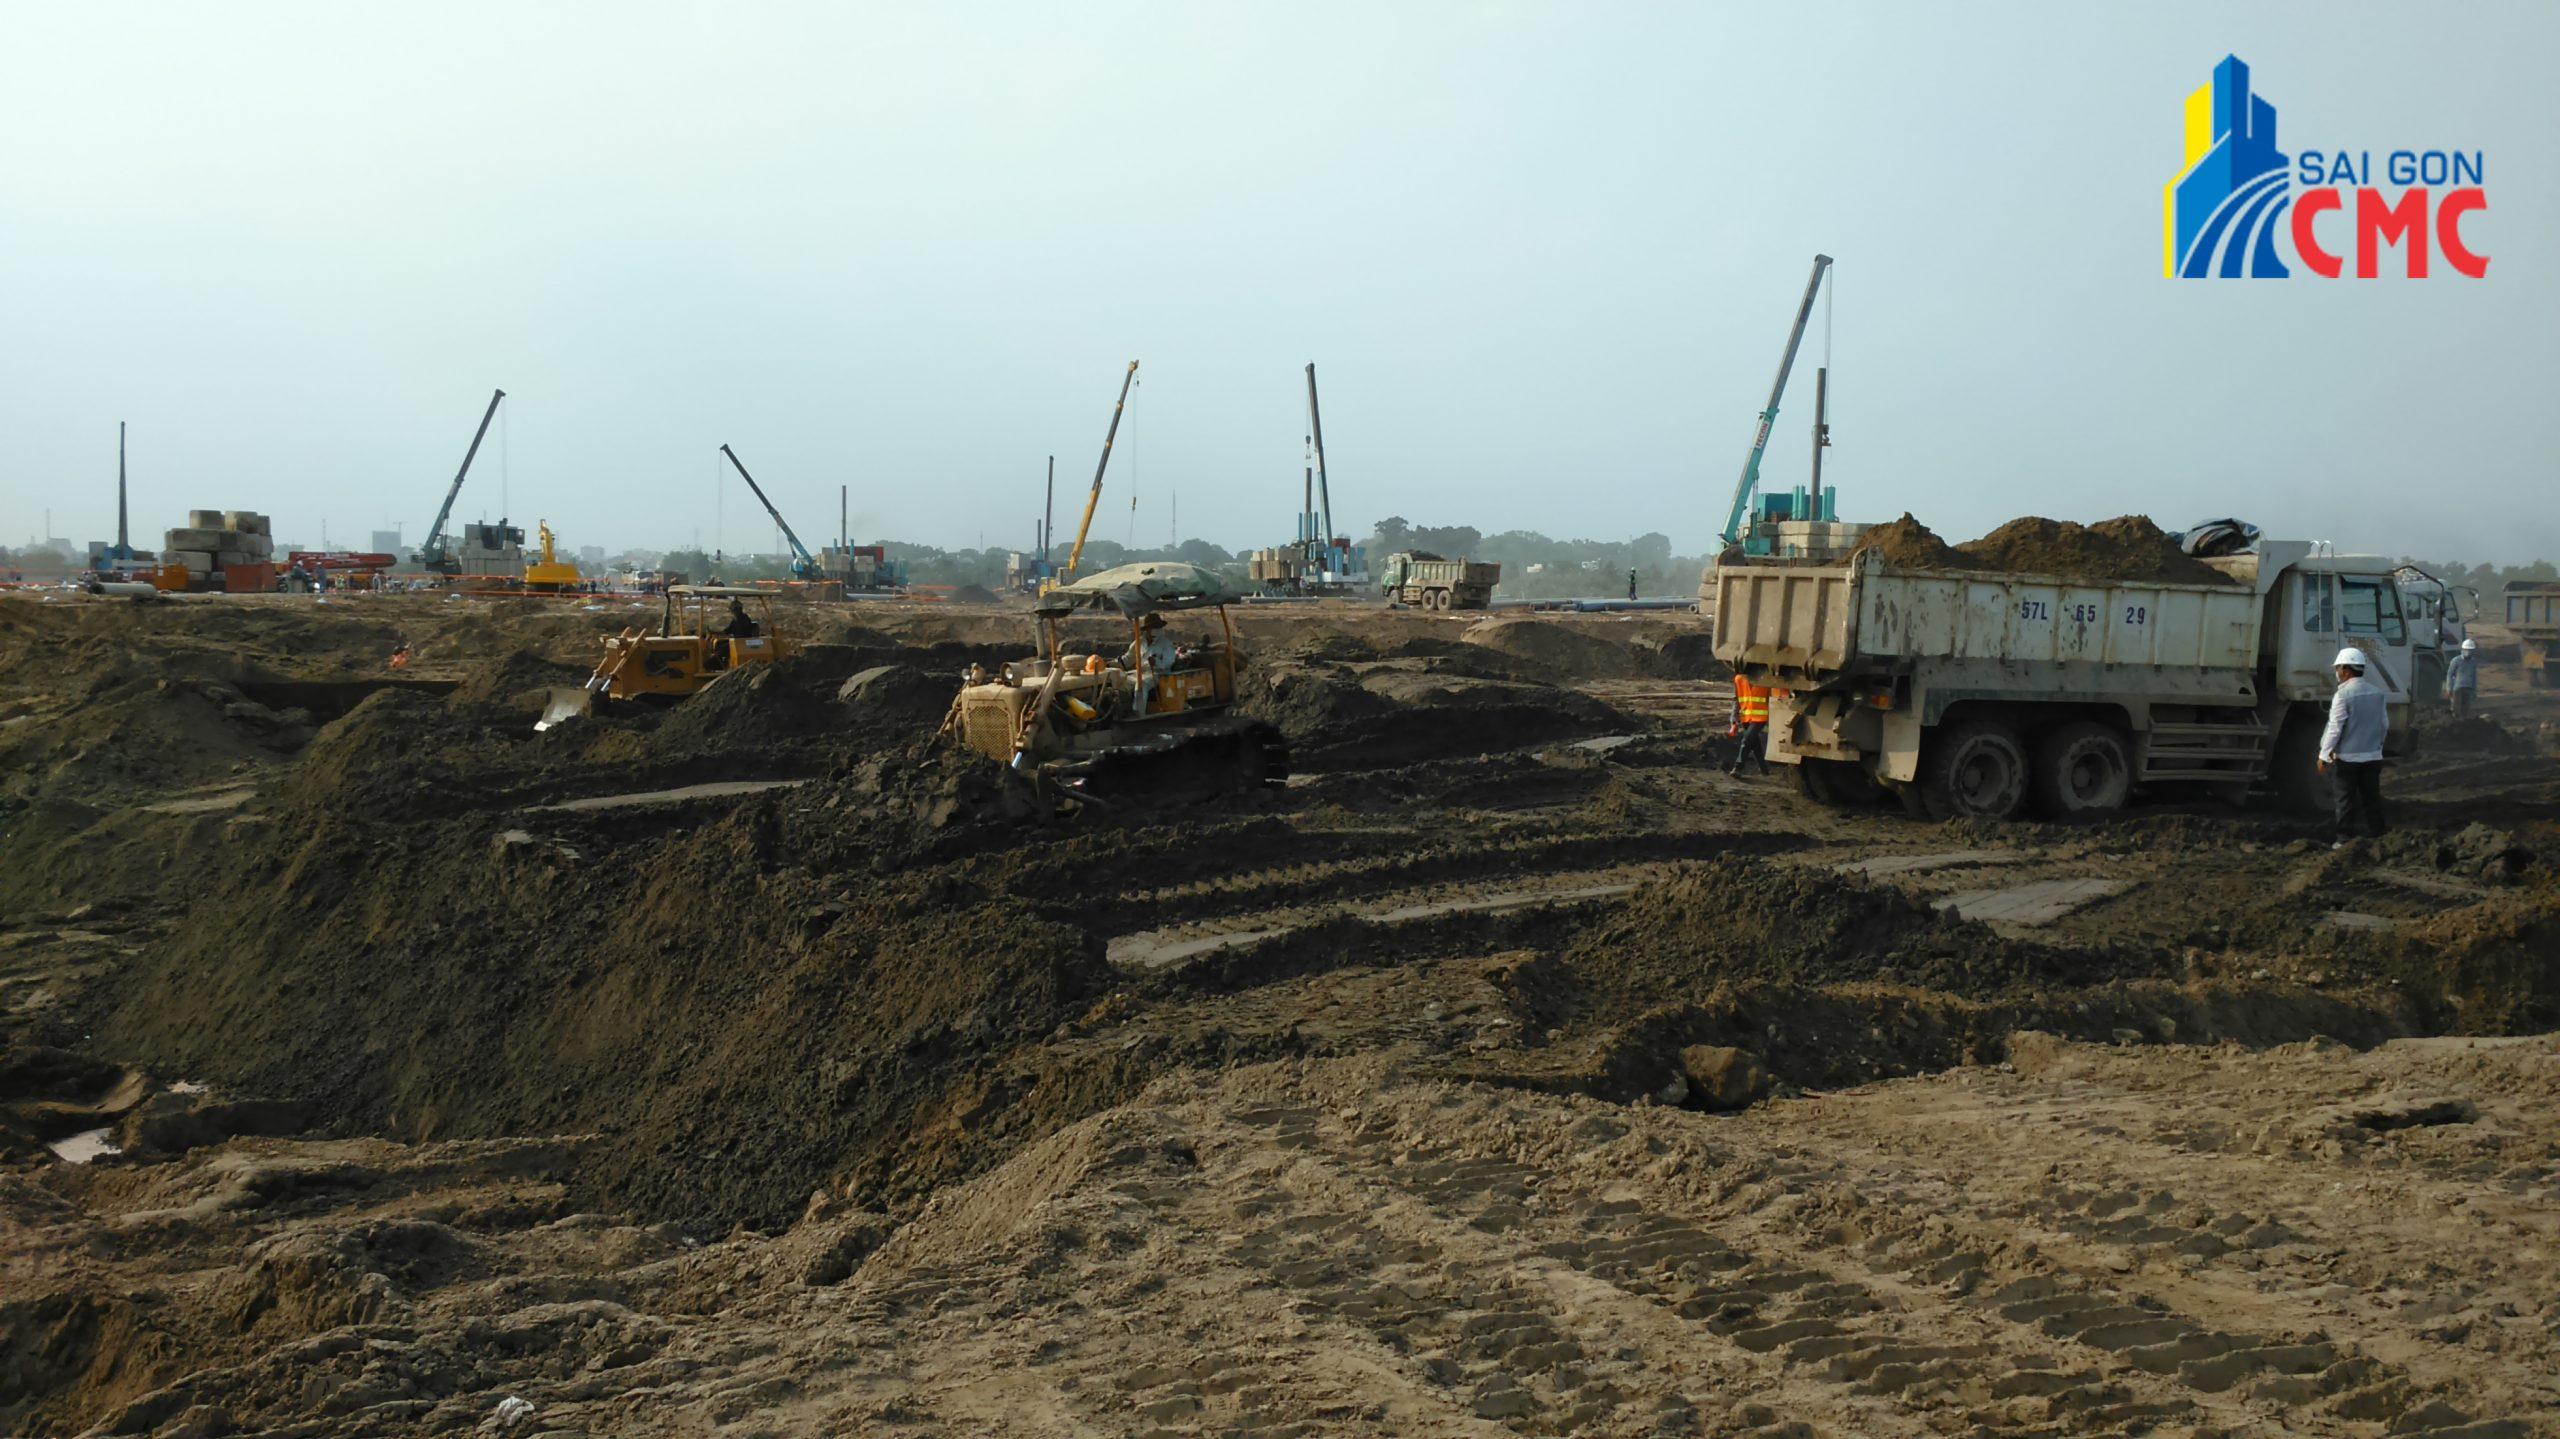 Sài Gòn CMC - Đơn vị cung cấp cát xây tô giá rẻ chất lượng